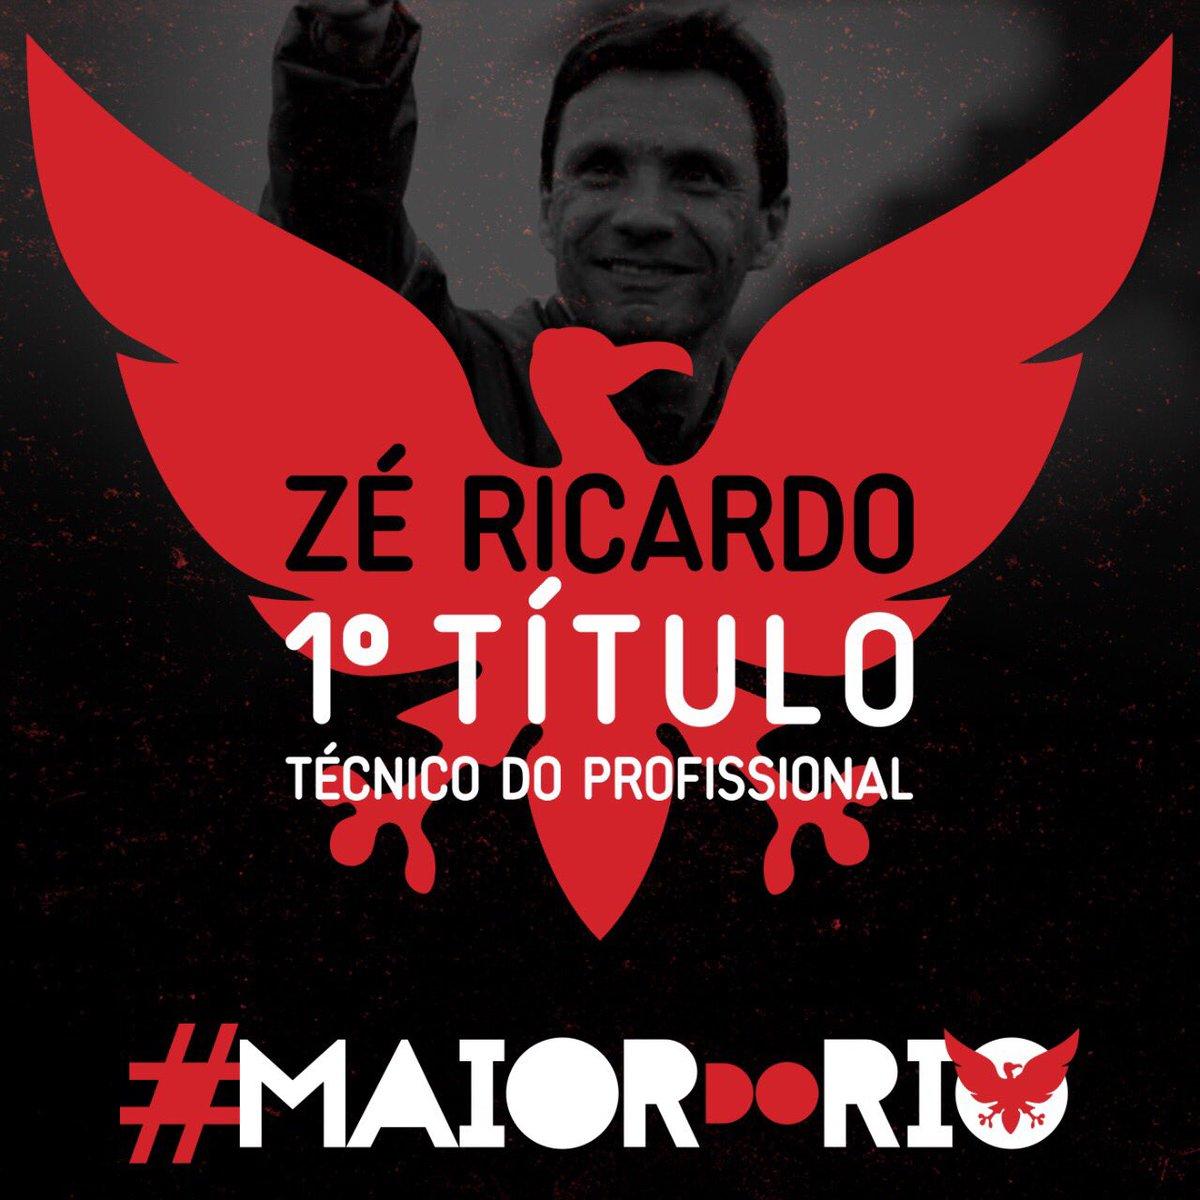 Fé no Zé! Primeiro título a frente da equipe profissional do Flamengo! #MaiorDoRio